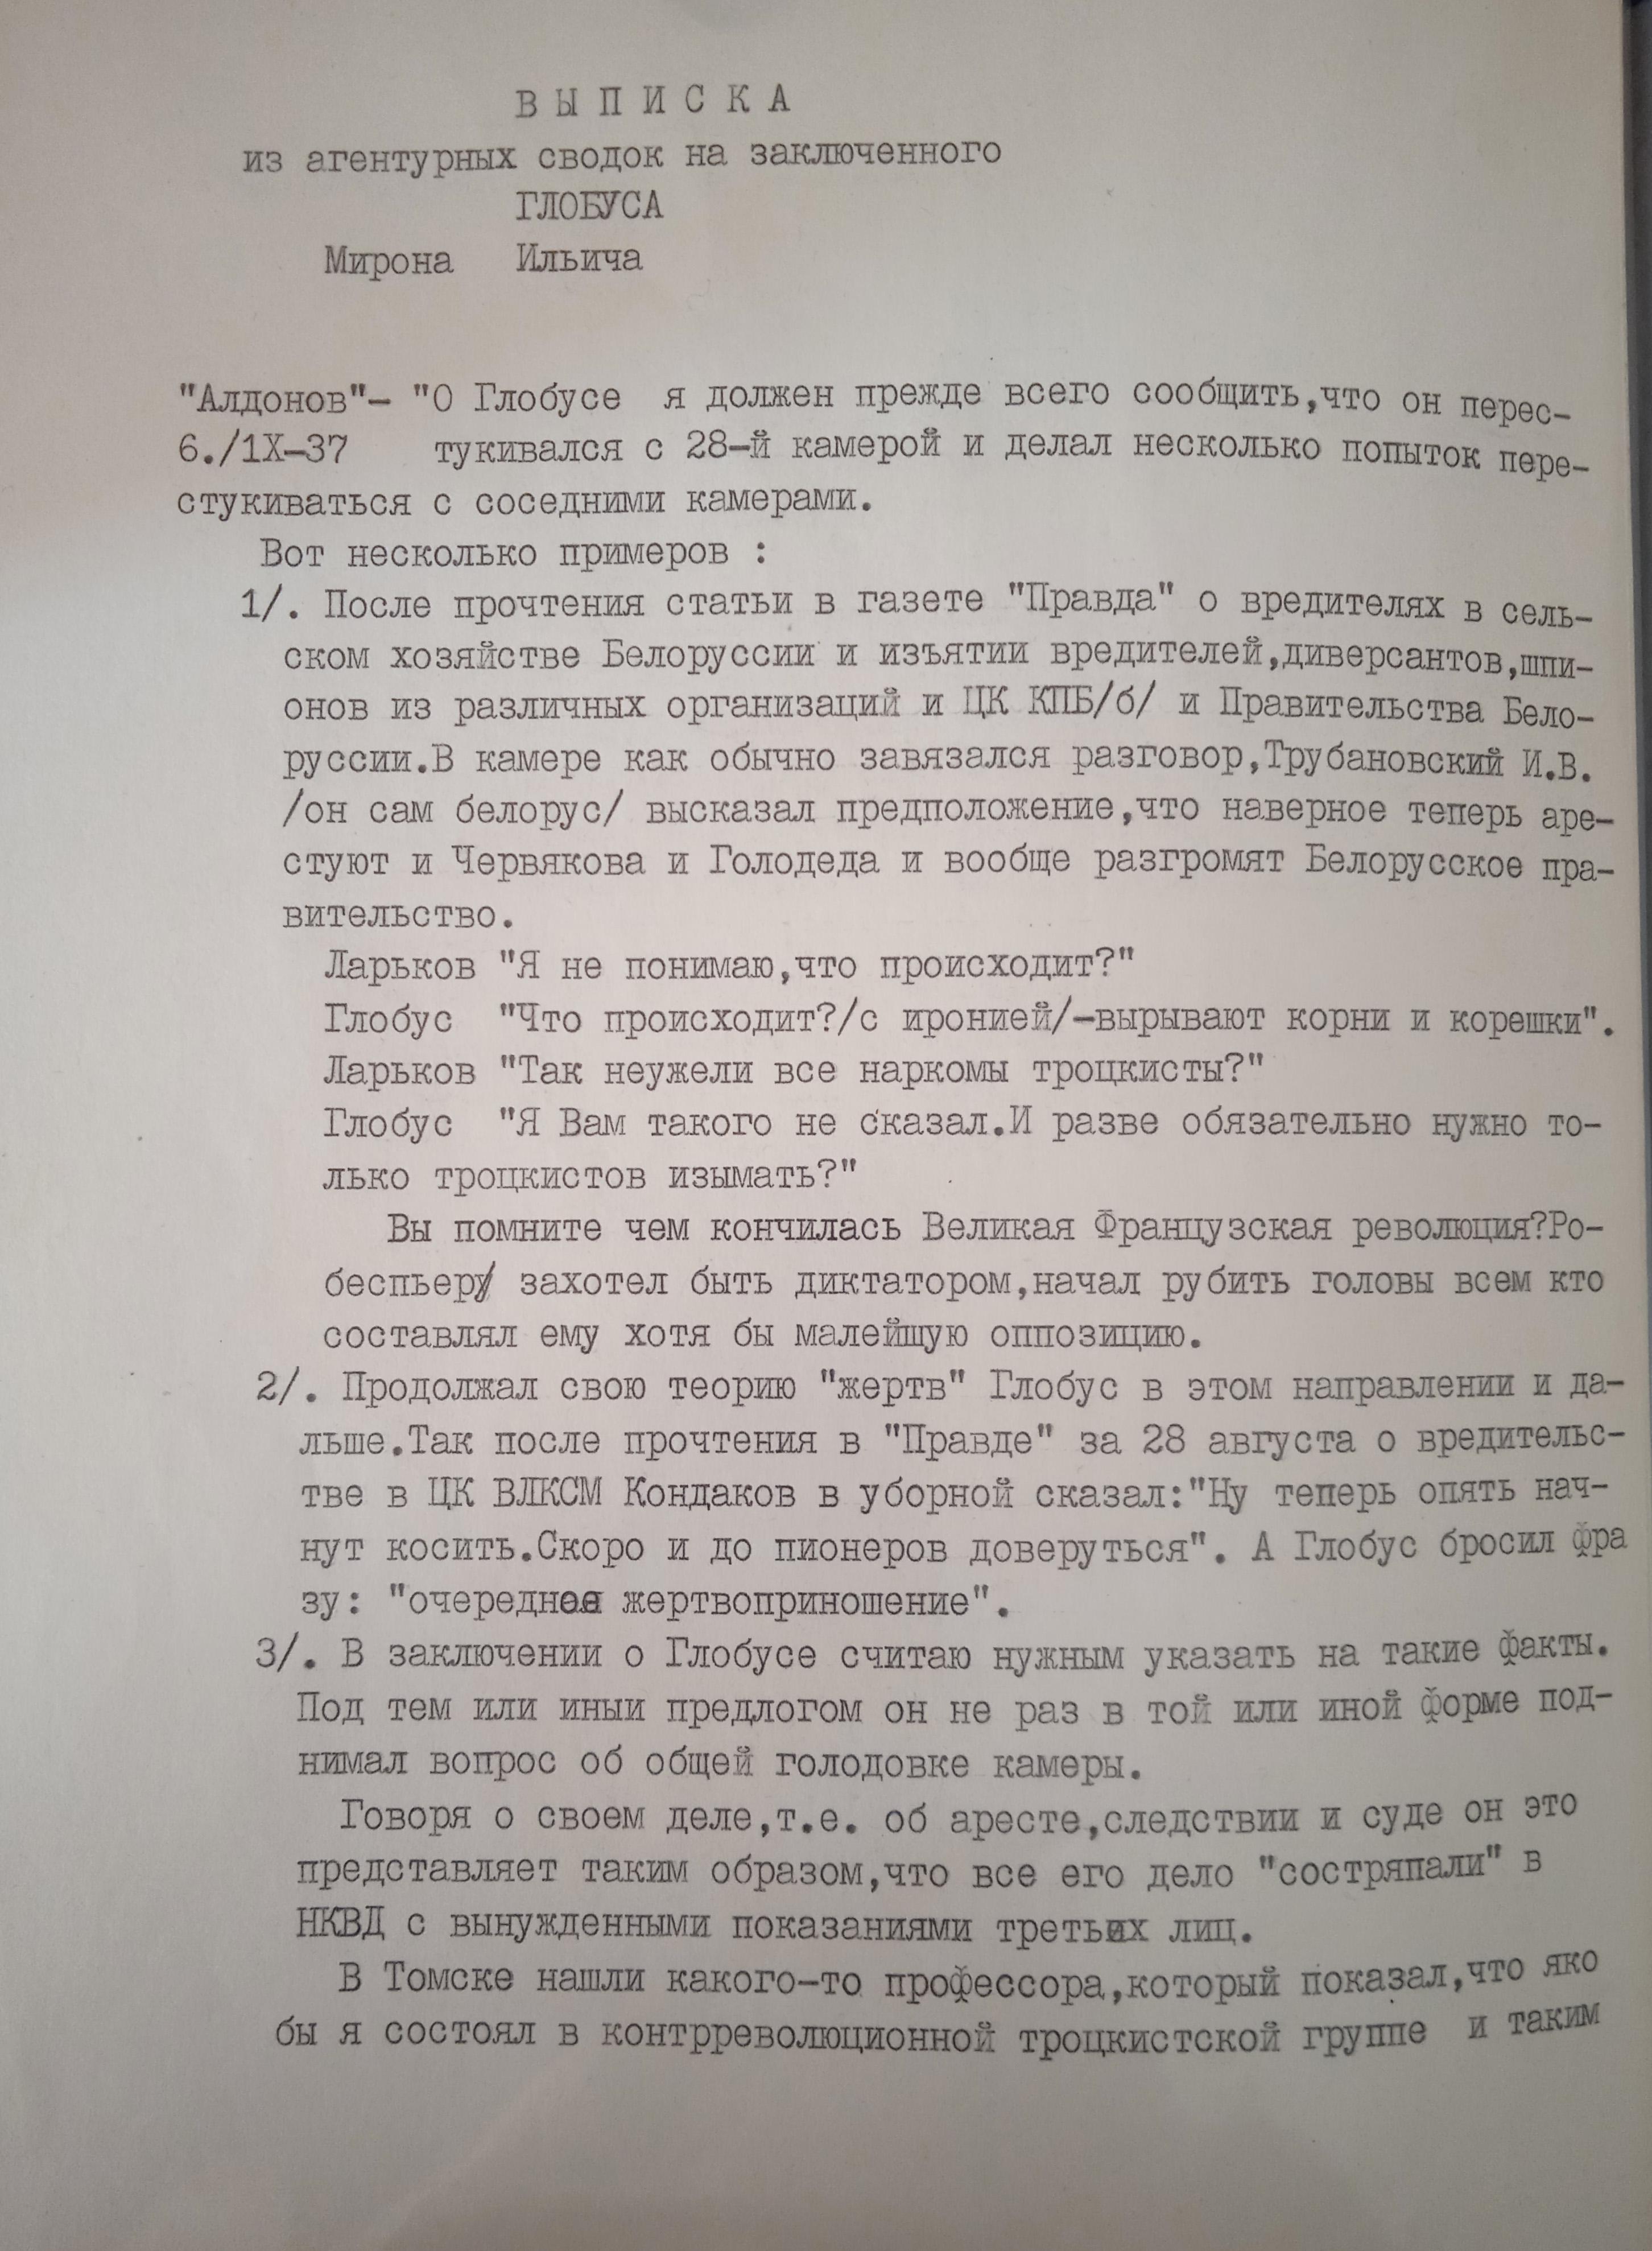 Отвертеться не удастся: как сотрудники НКВД сдавали друг друга на допросах2